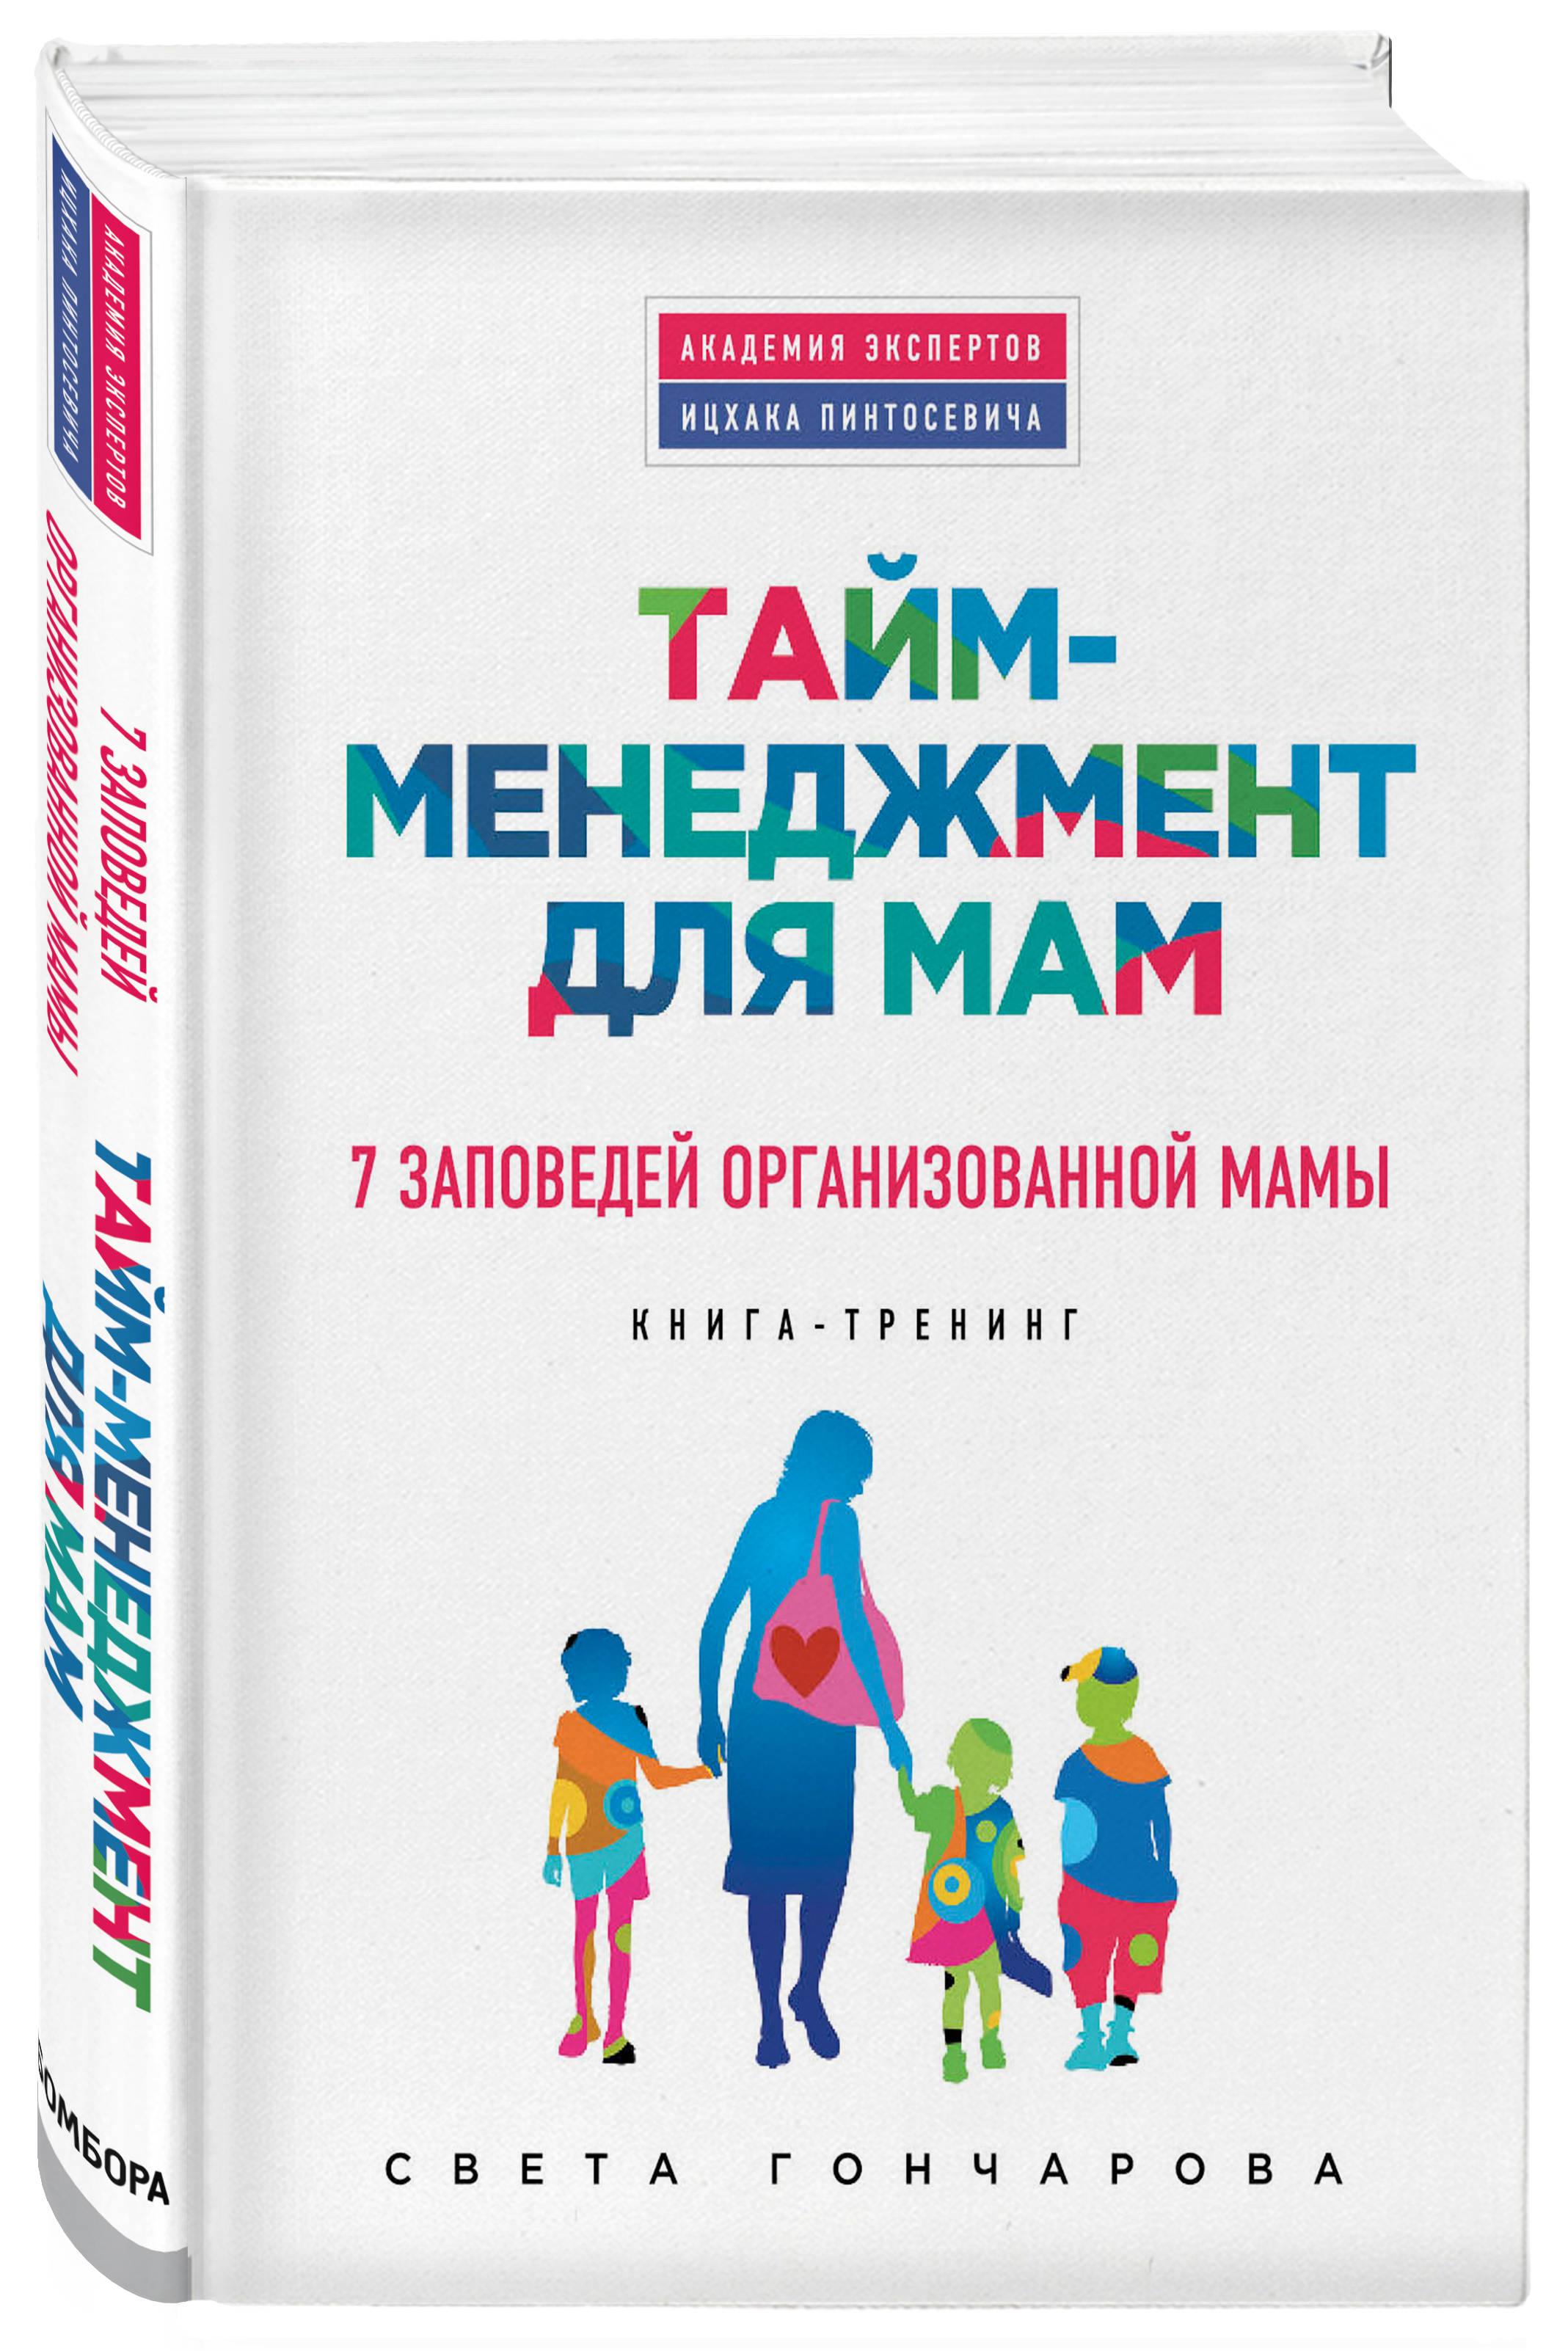 Света Гончарова Тайм-менеджмент для мам. 7 заповедей организованной мамы гончарова светлана тайм менеджмент для мам 7 заповедей организованной мамы